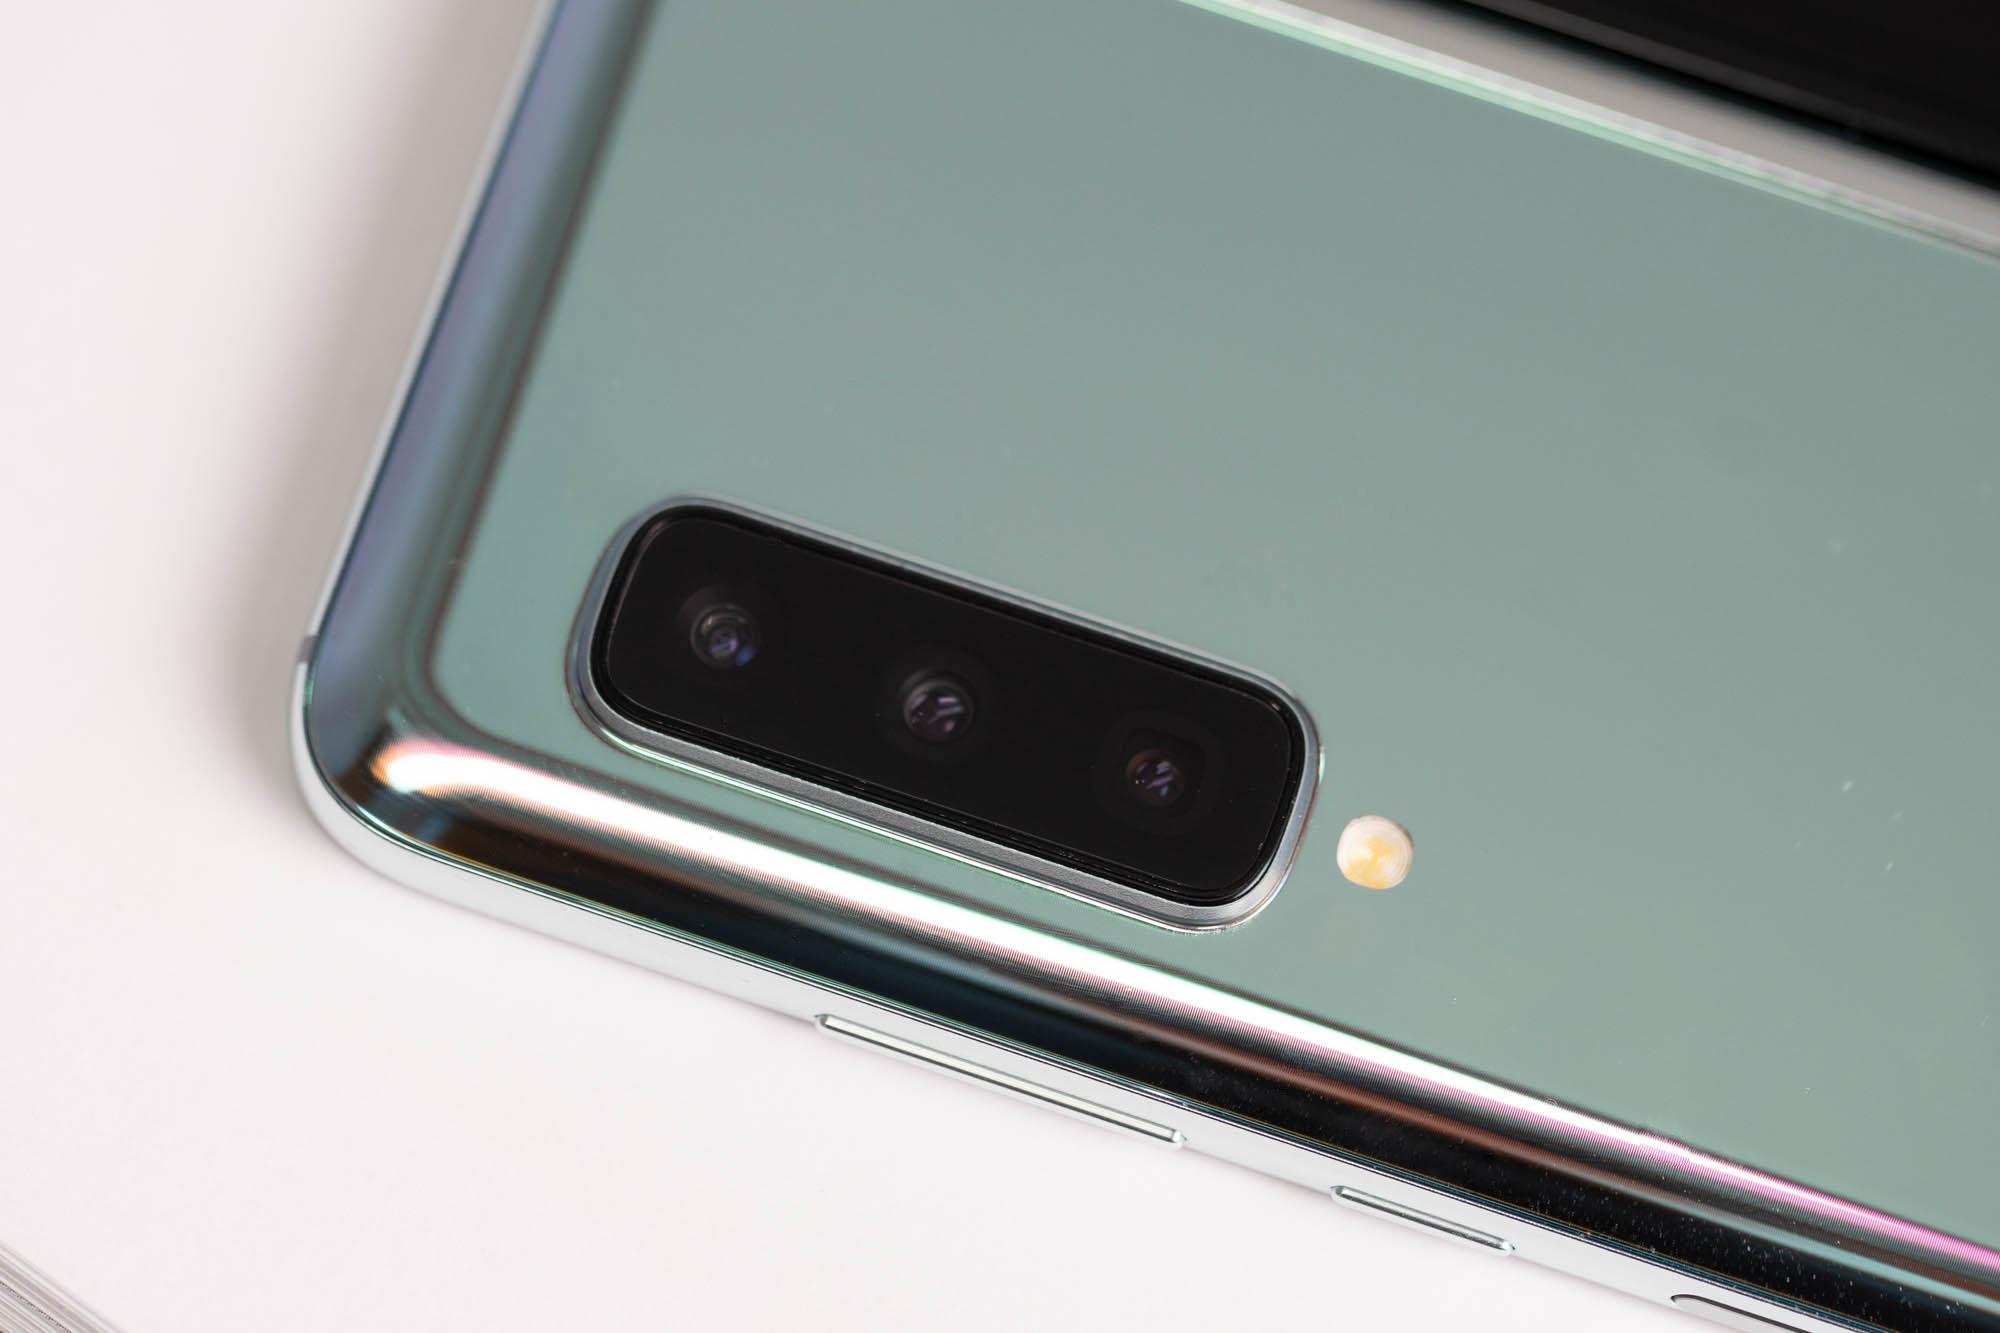 三星Galaxy Fold上手体验:双屏无缝切换的折叠屏手机的照片 - 8